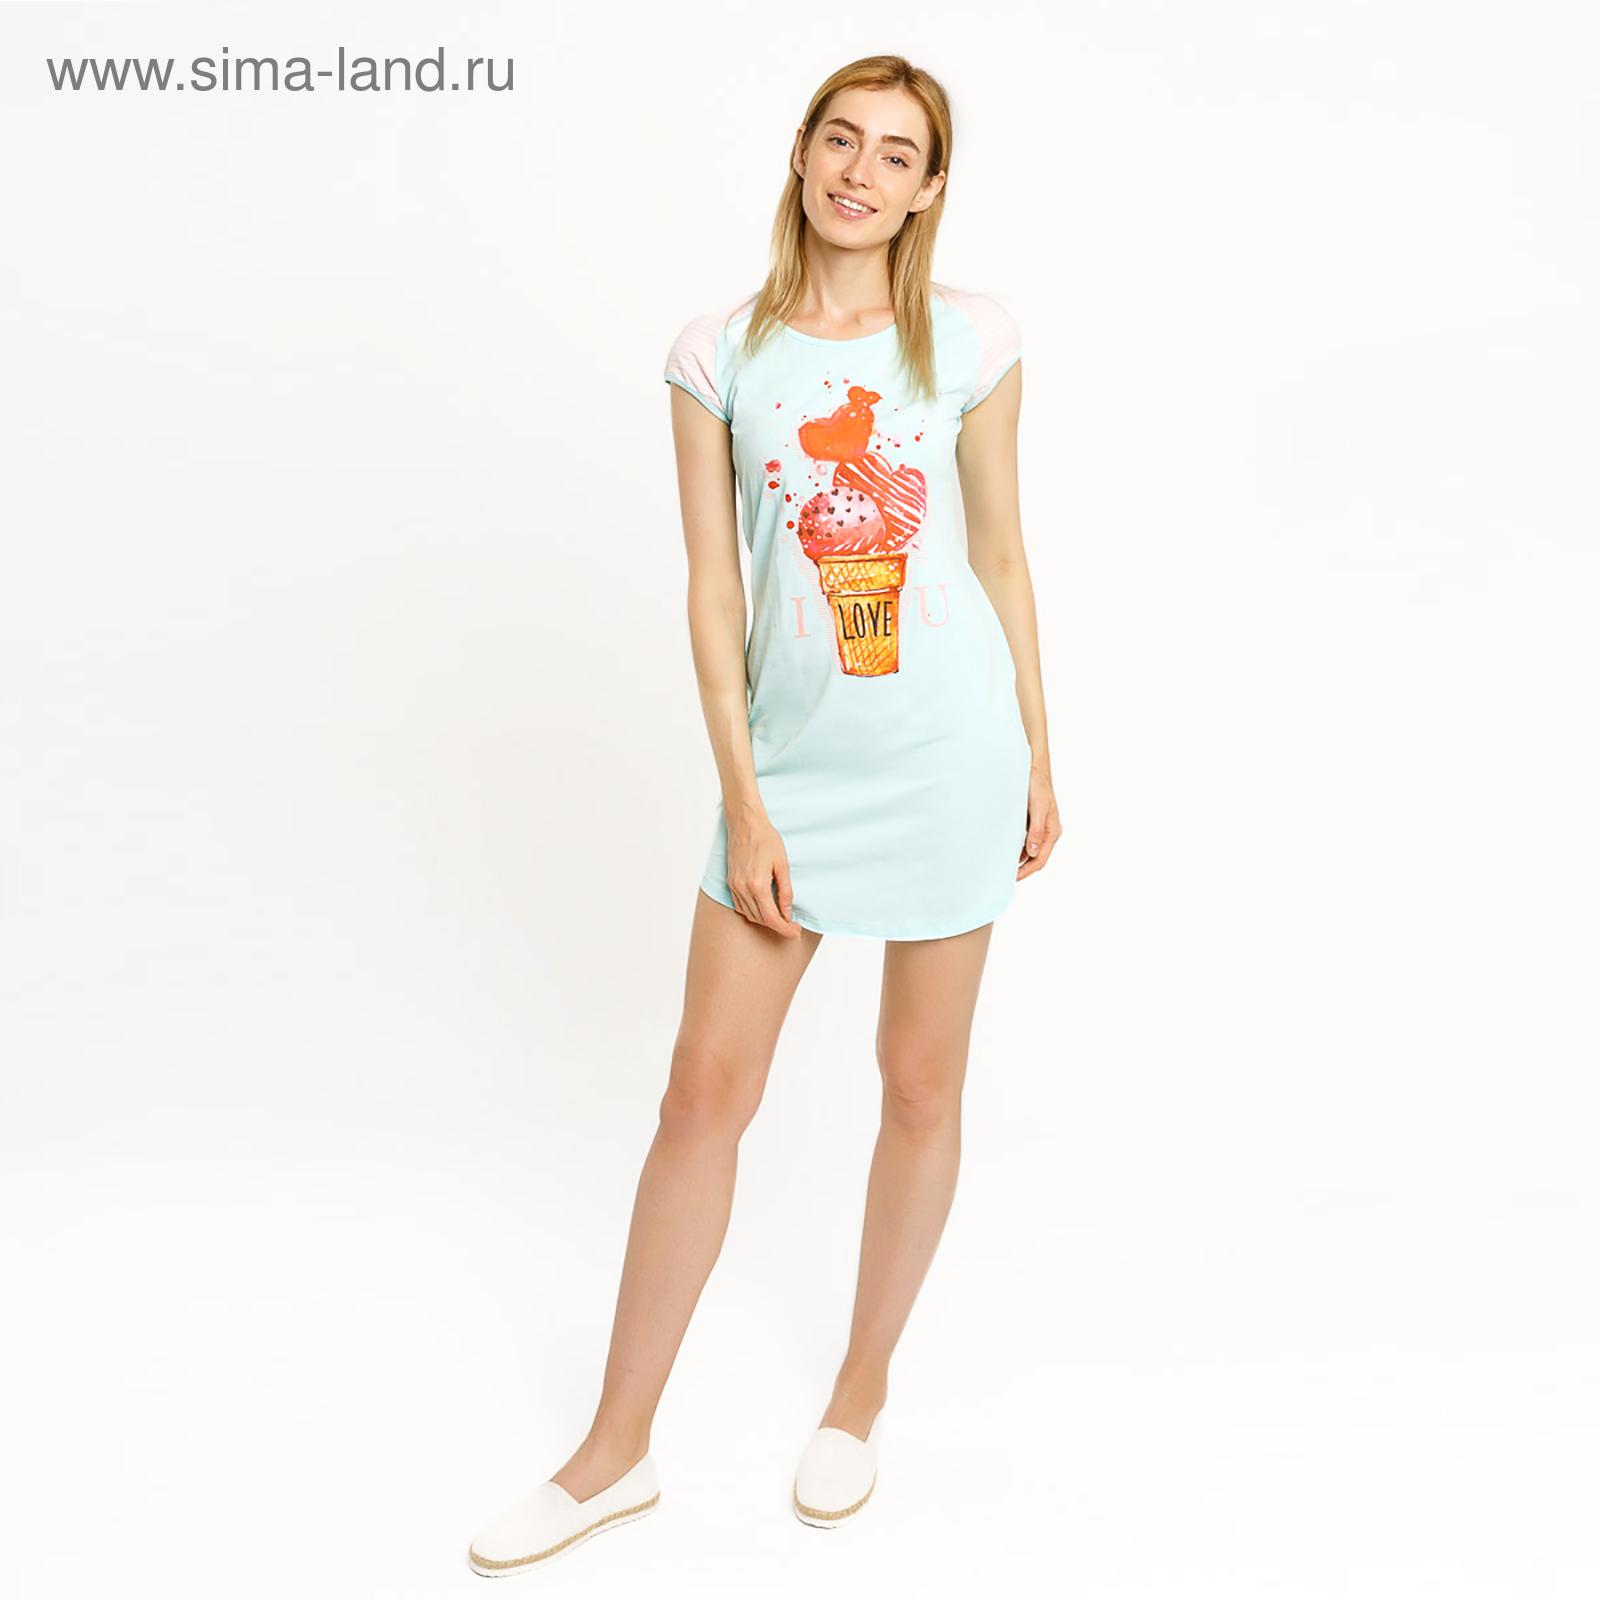 112aace4497a612 Сорочка ночная женская 1023-5 (572307) цвет бирюзовый, р-р 48 (L ...